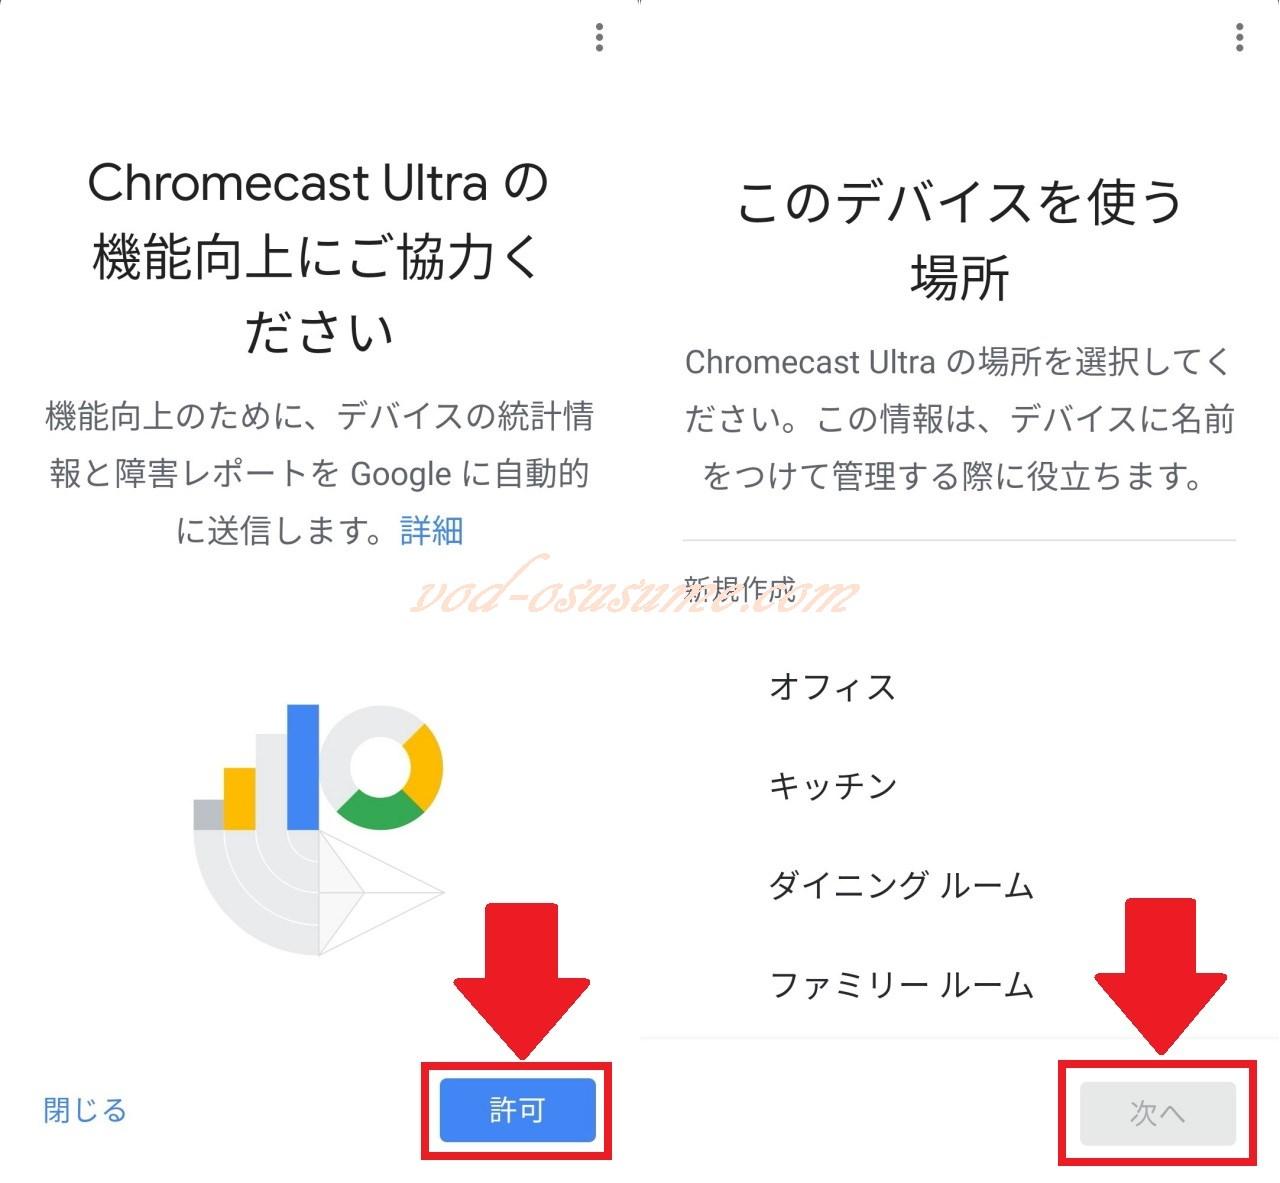 ChromecastUltraを使う場所を設定